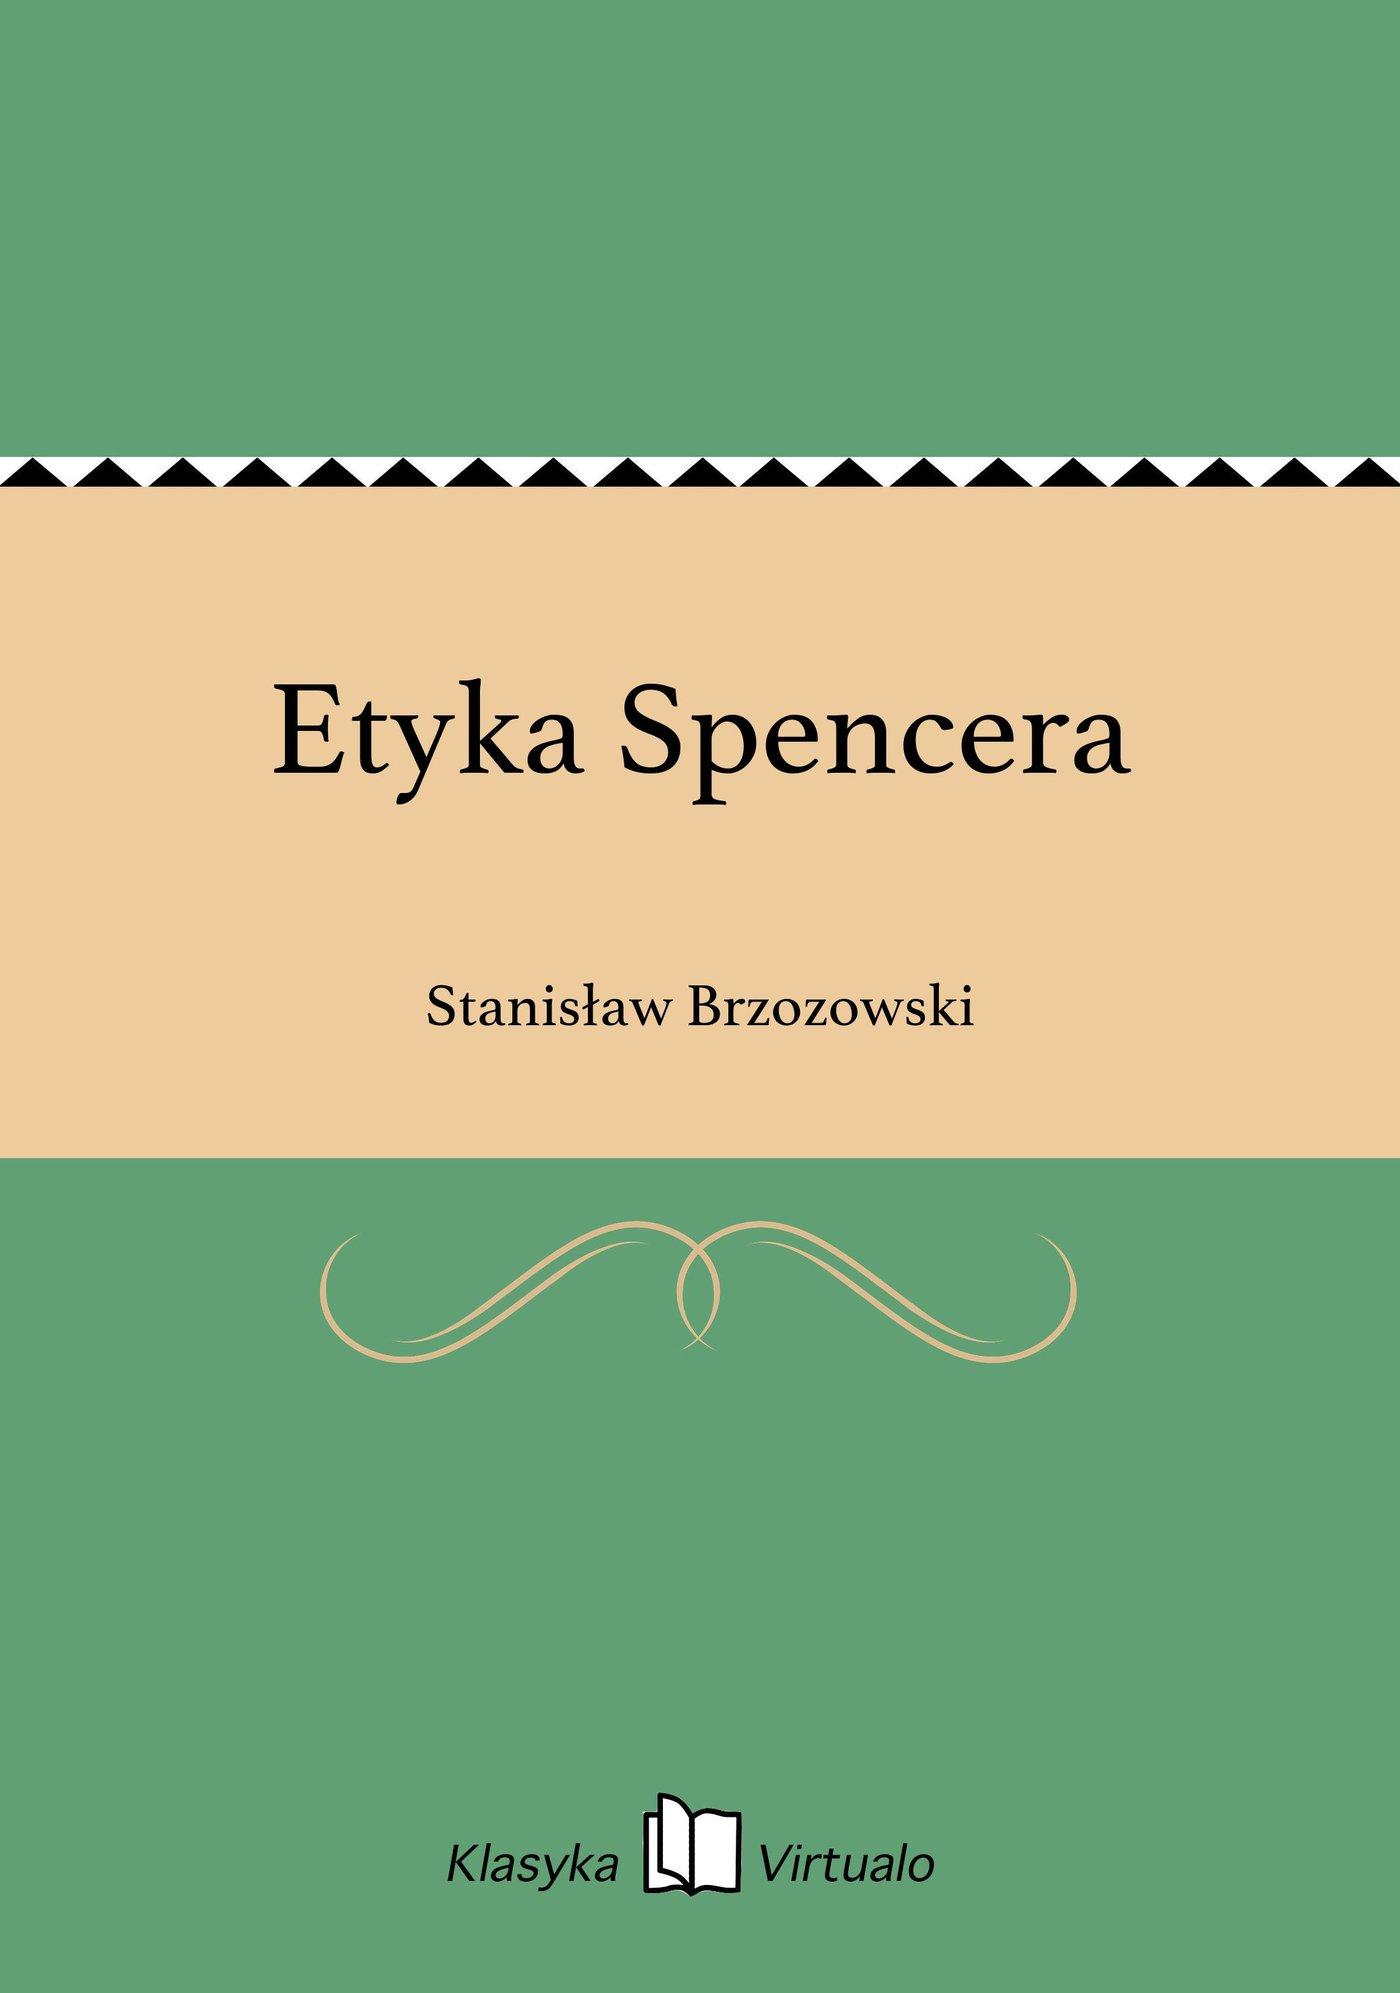 Etyka Spencera - Ebook (Książka na Kindle) do pobrania w formacie MOBI